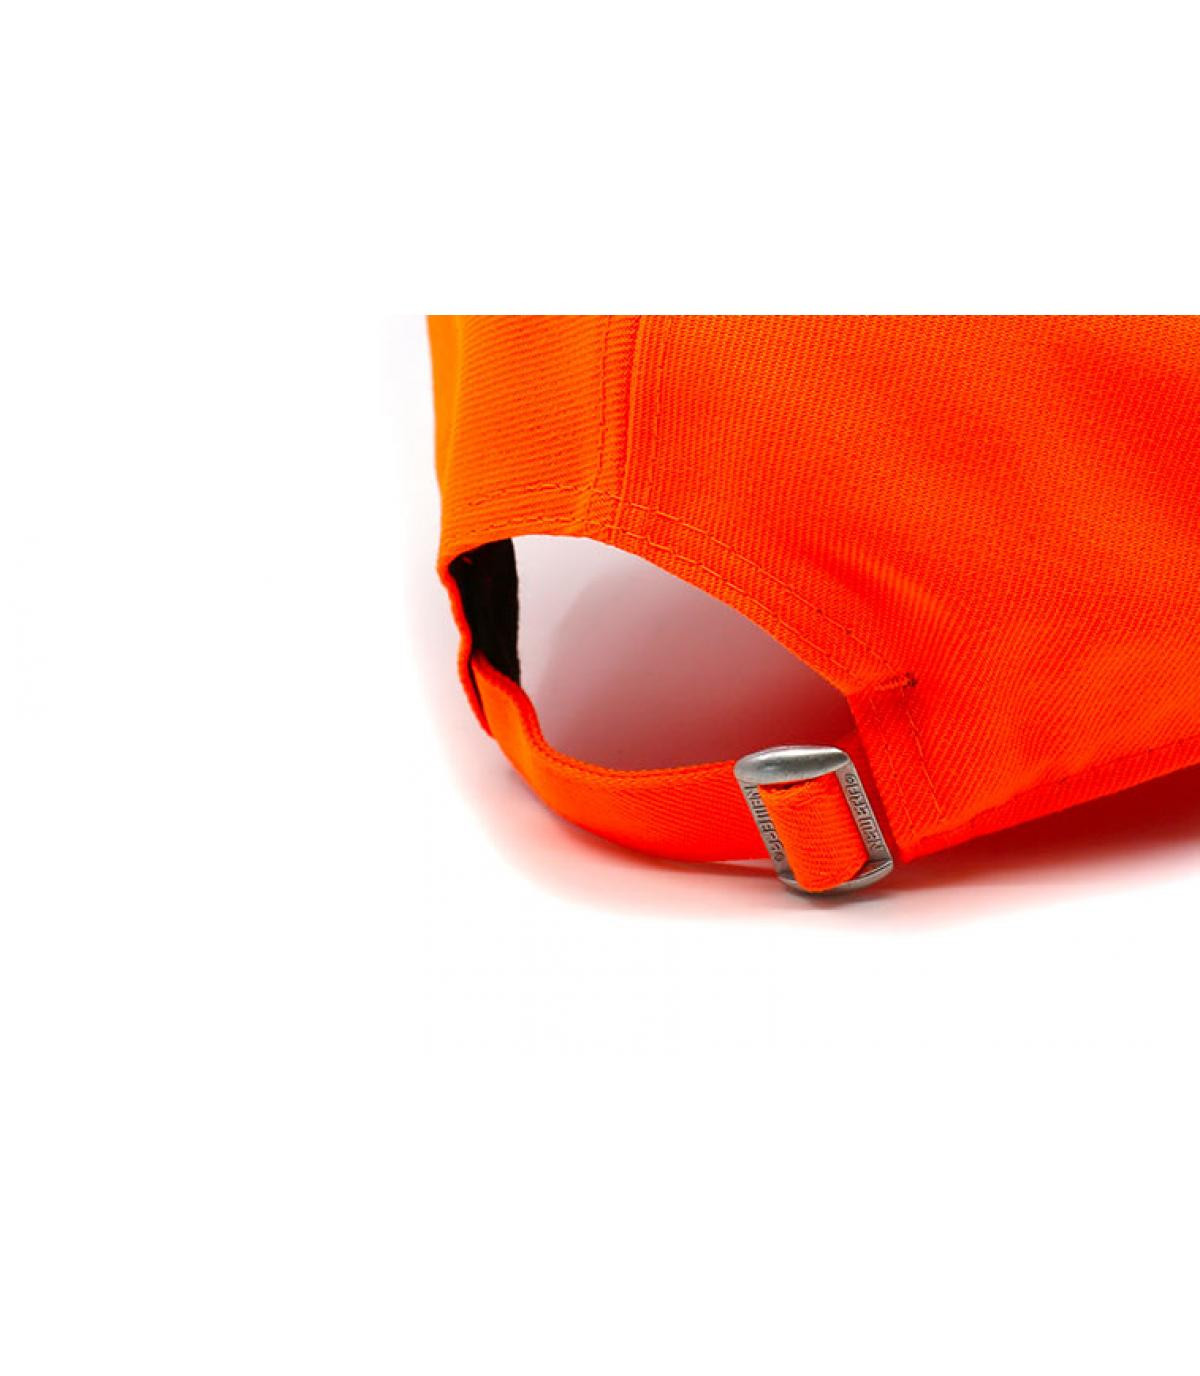 Détails Casquette Neon LA League Ess 940 orange white - image 5